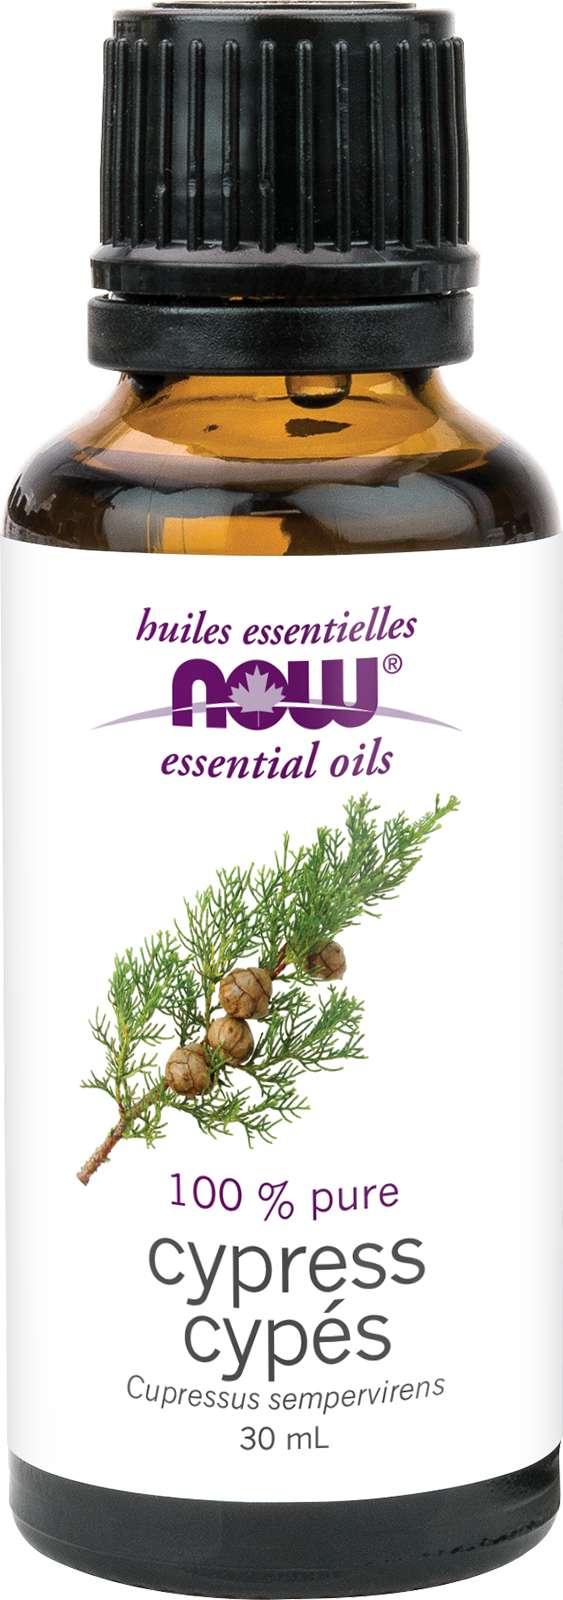 Cypress Oil (Cupressus sempervirens) 30mL